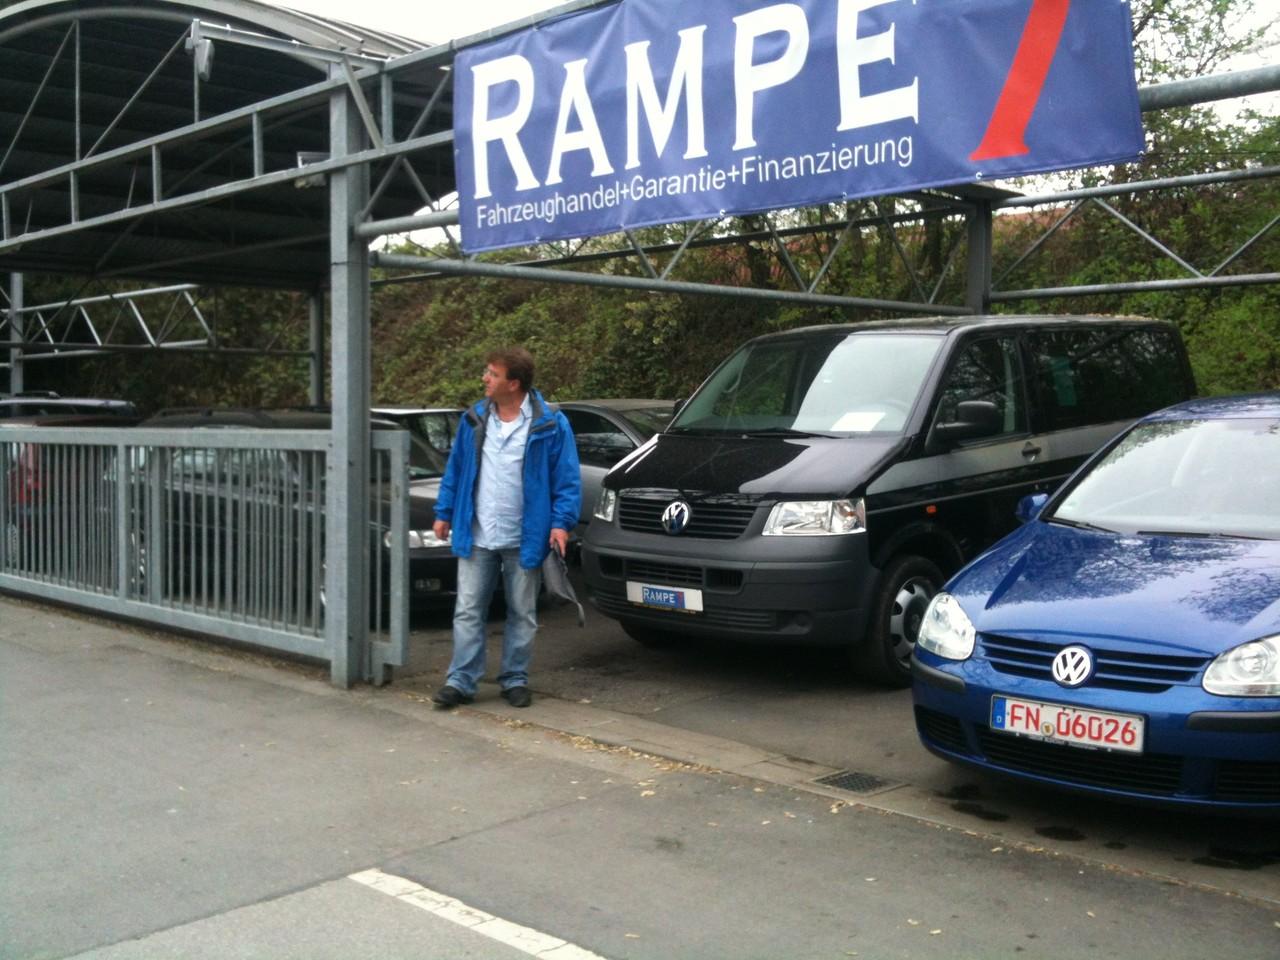 Unsere Fahrzeuge Rampe7 Webseite